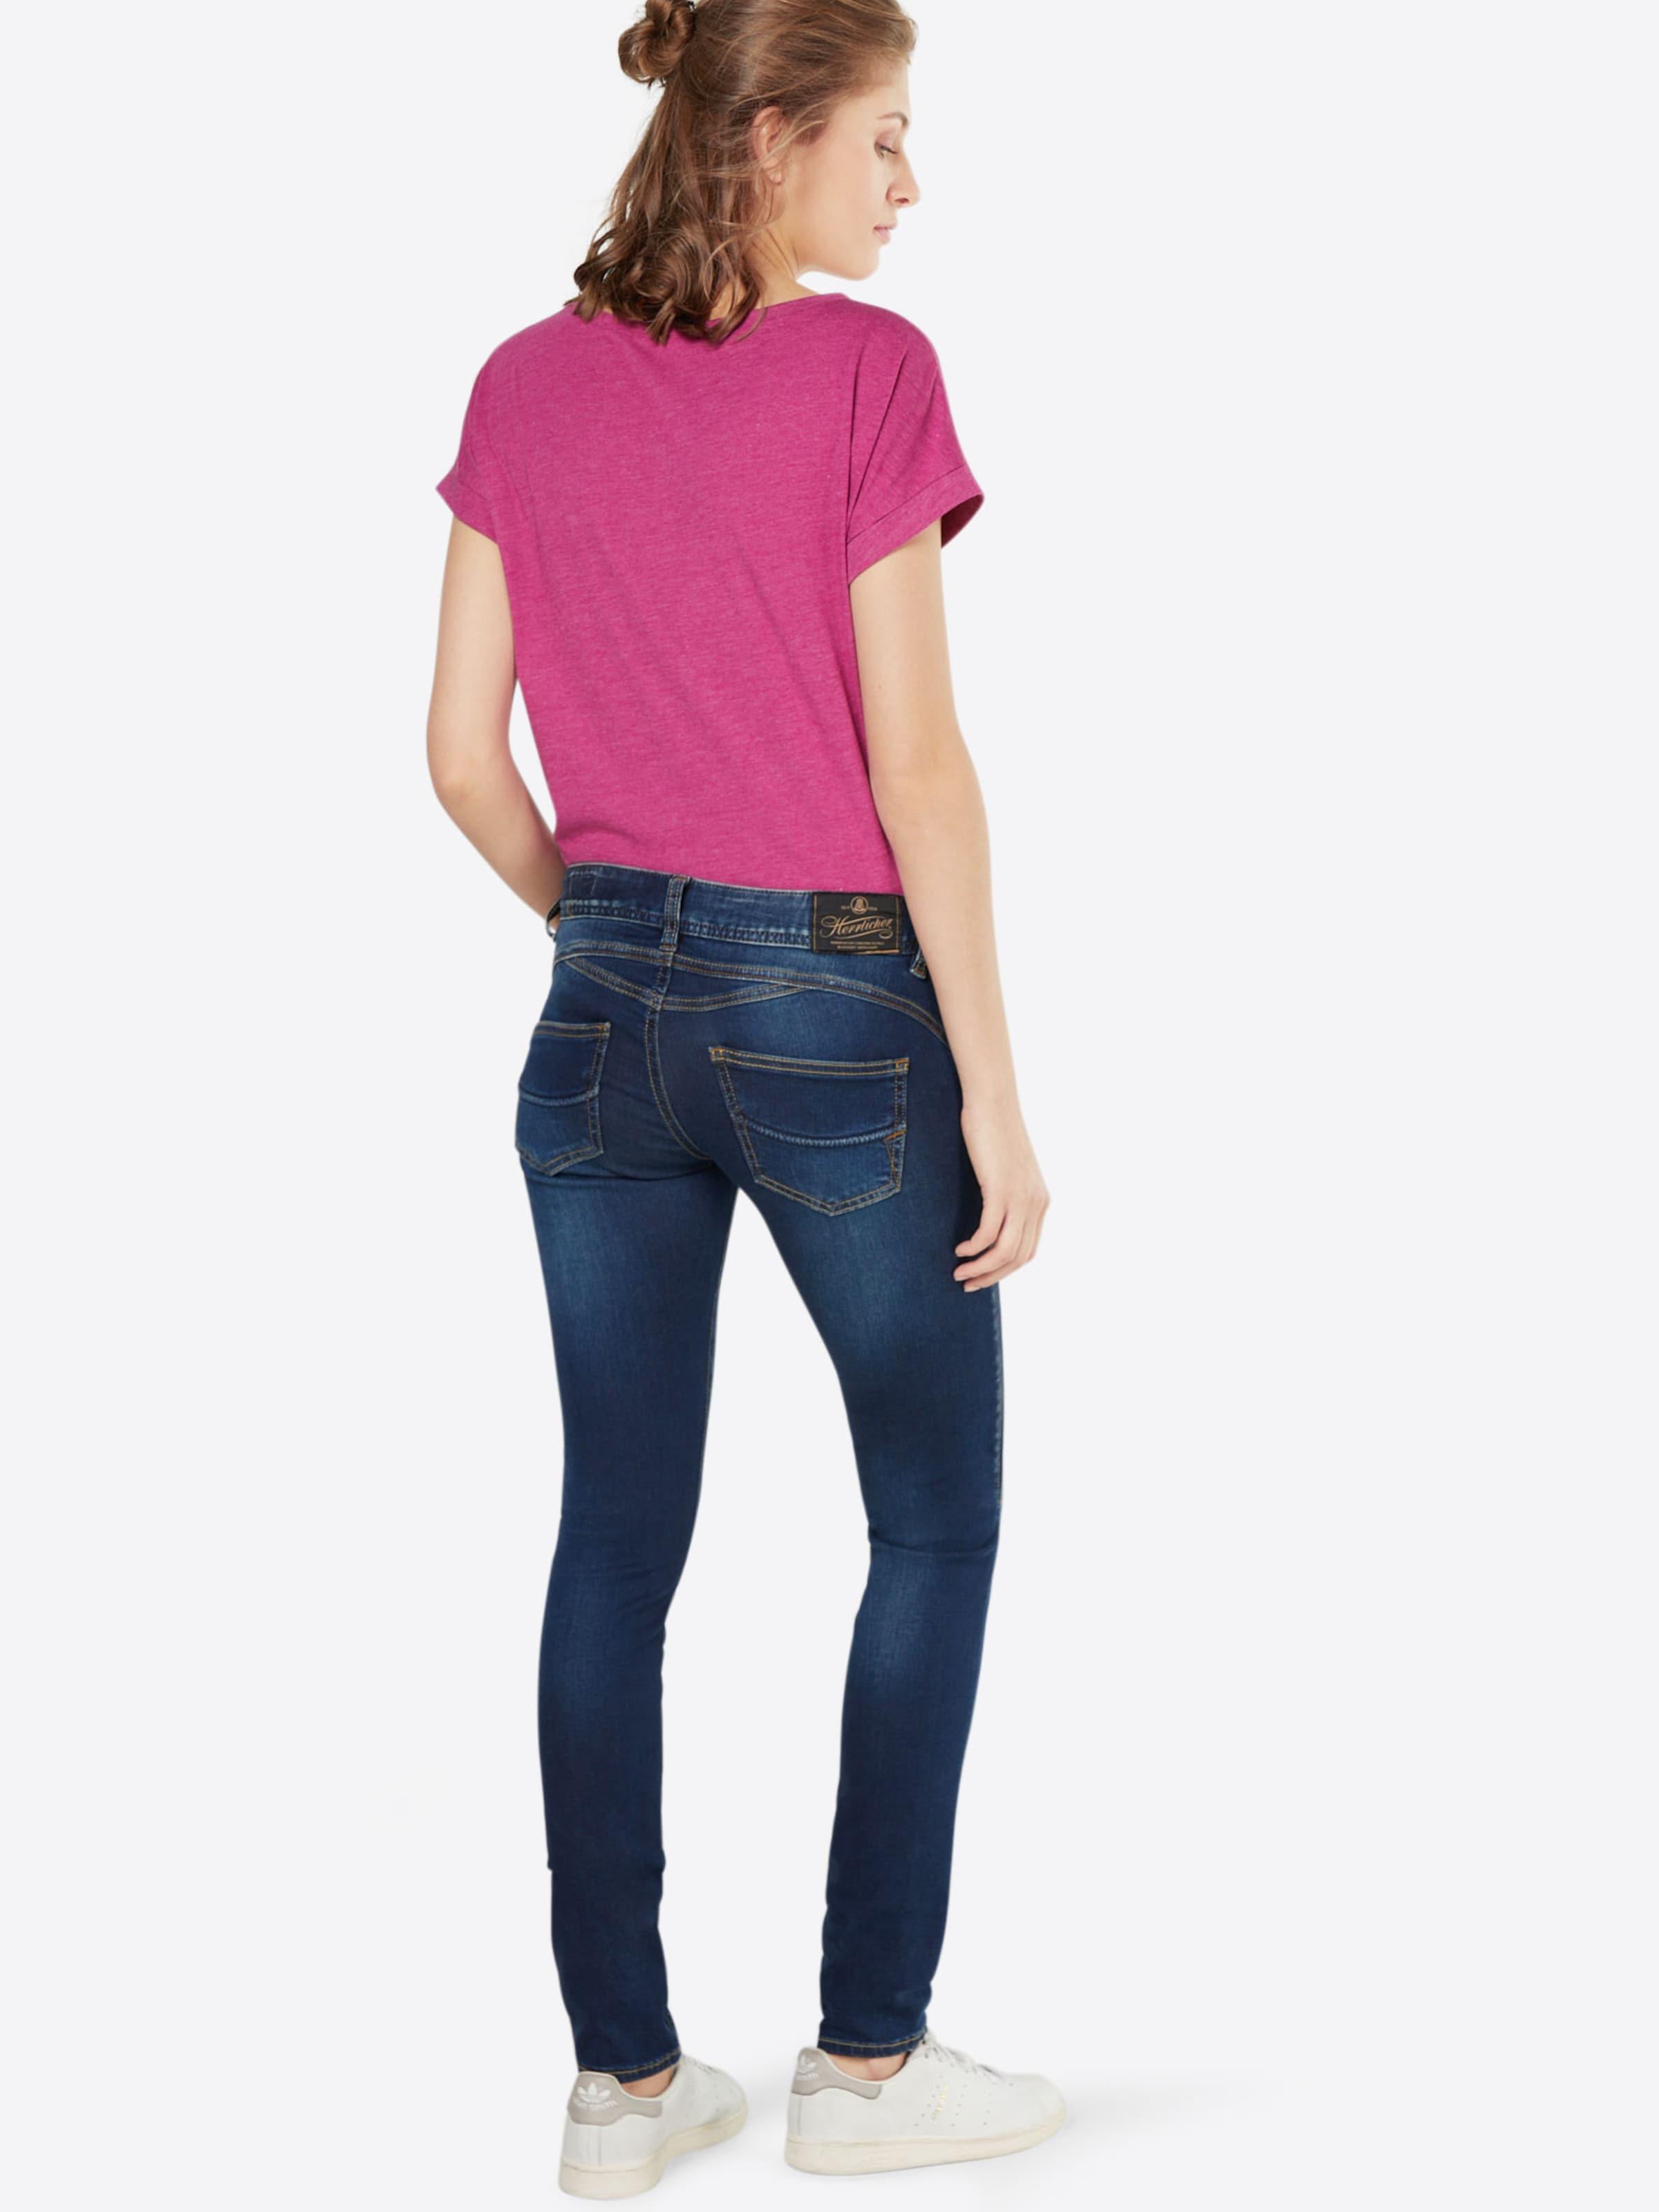 In Herrlicher Jeans Donkerblauw Jeans Herrlicher 'gila' 6g7bfYyv